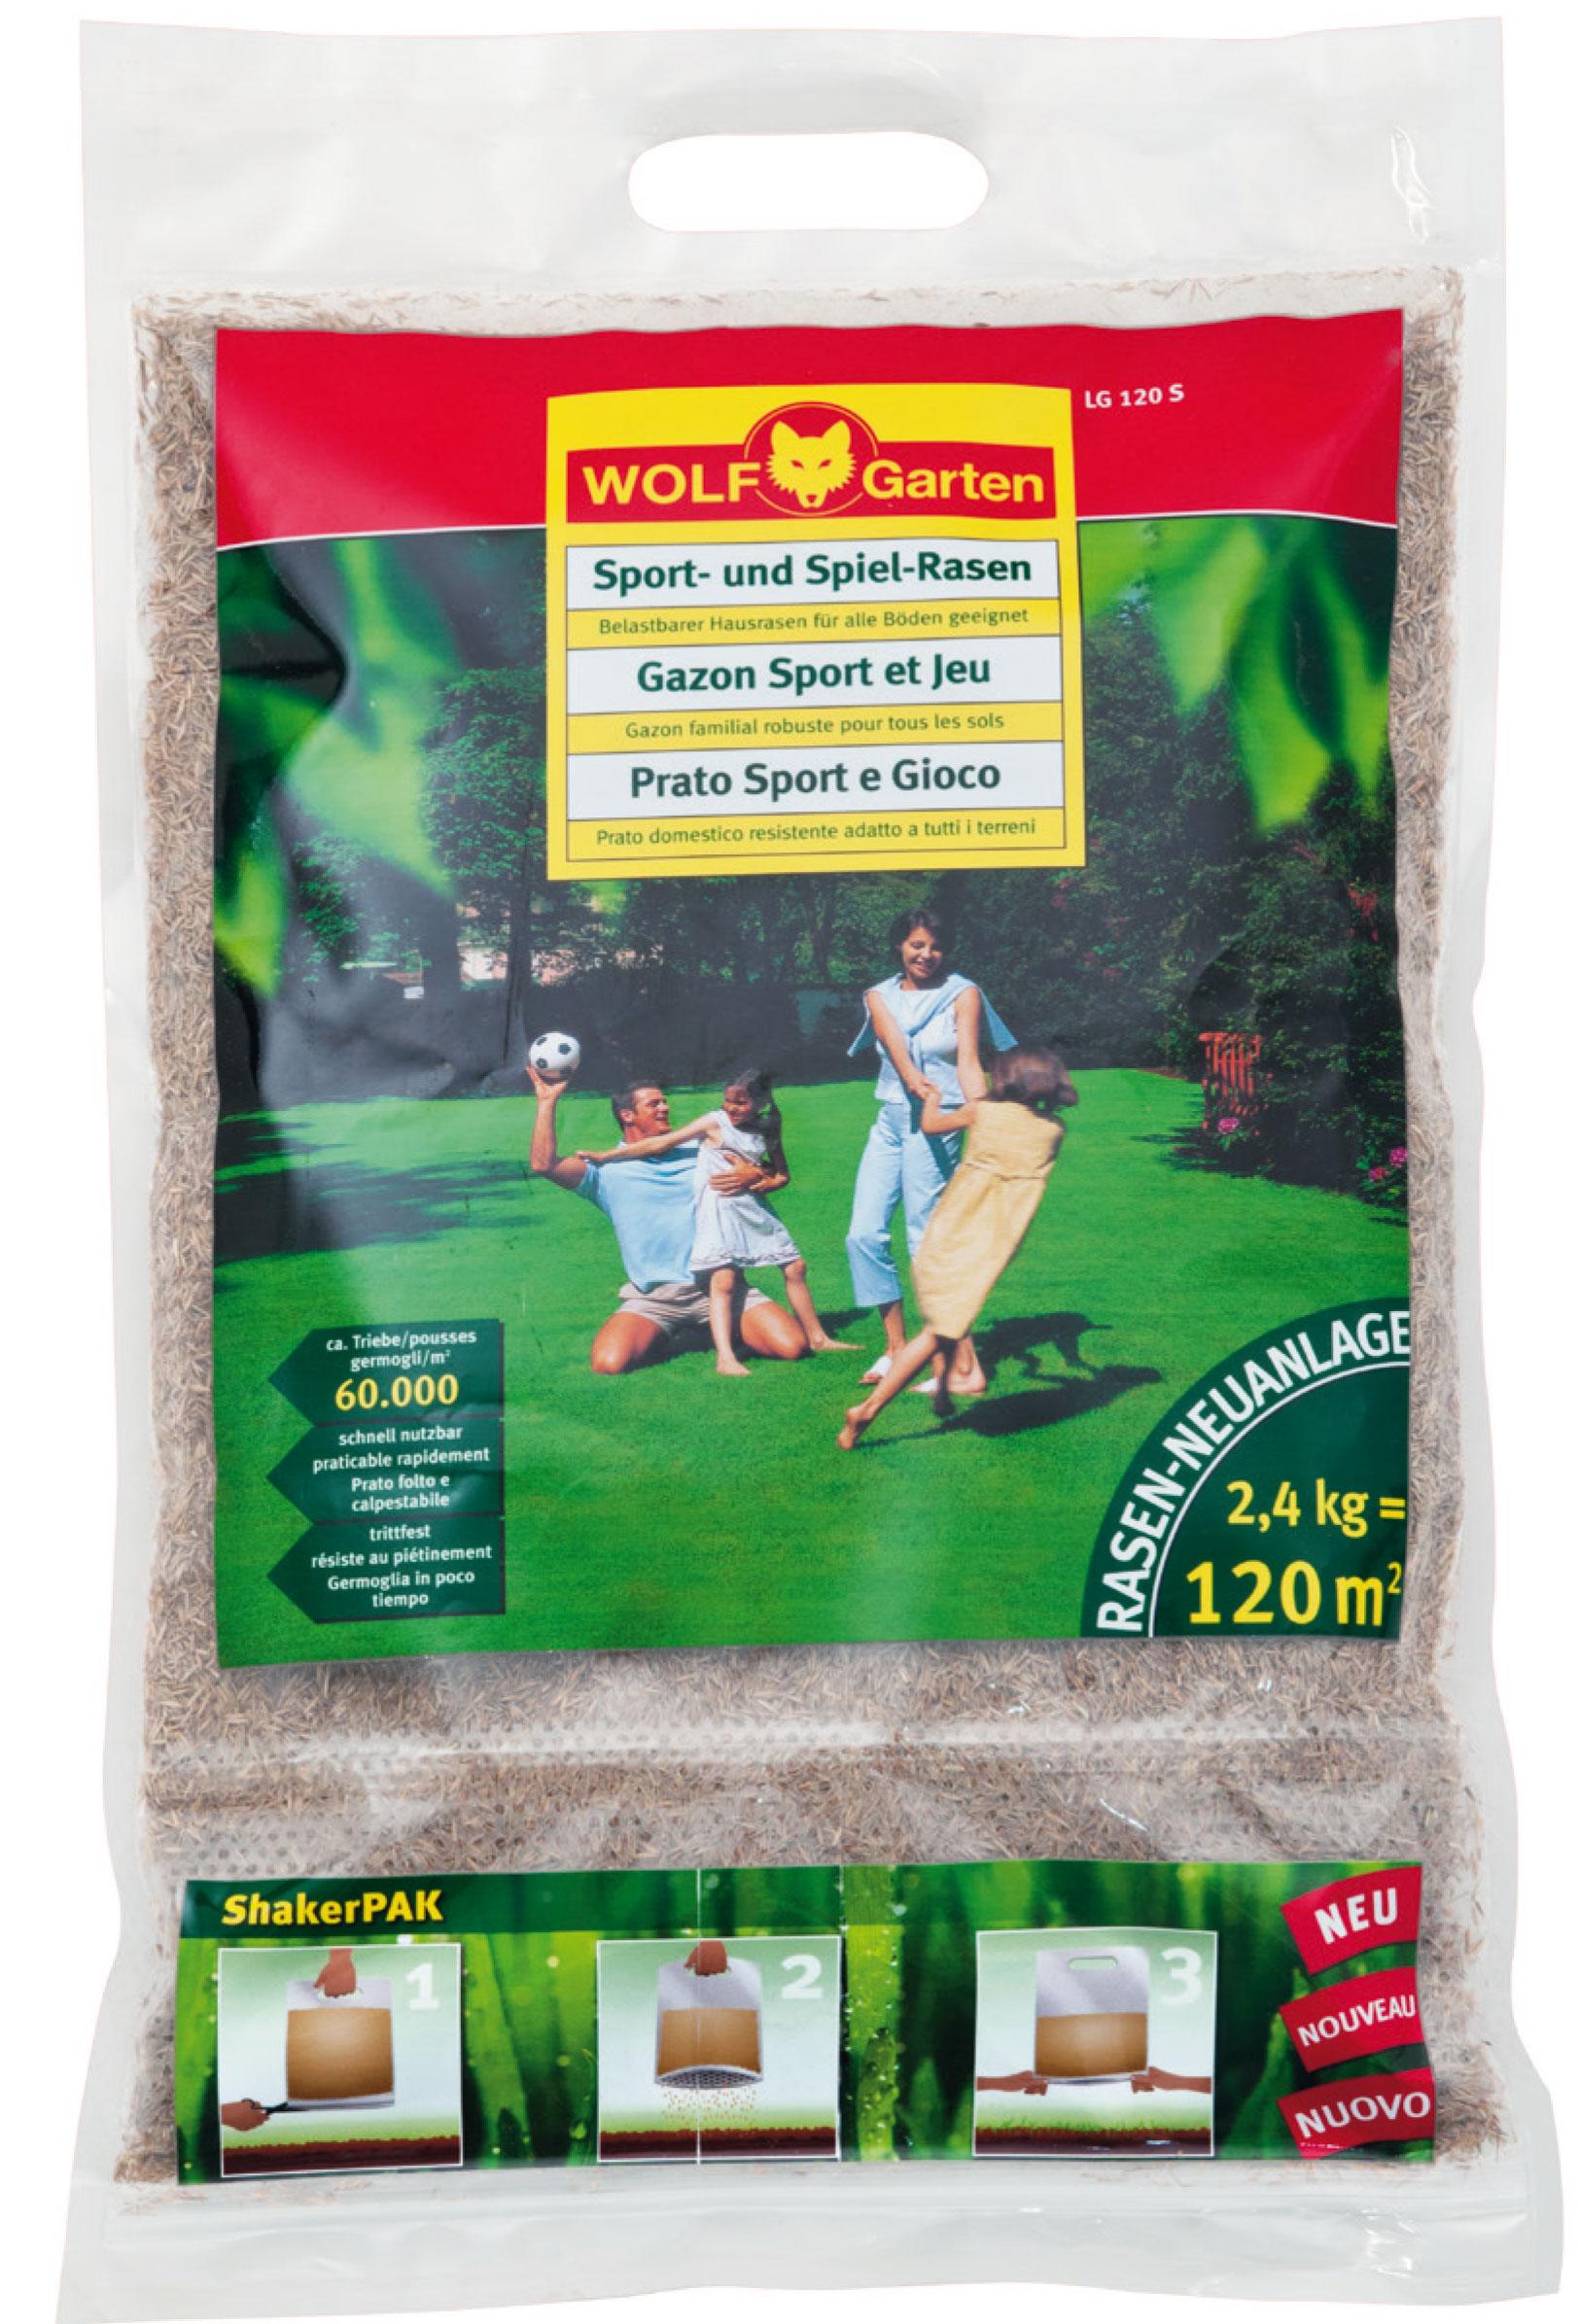 Wolf Garten Rasensamen / Saatgut für Sport-Spiel Rasen LG120S f. 120m² Bild 1